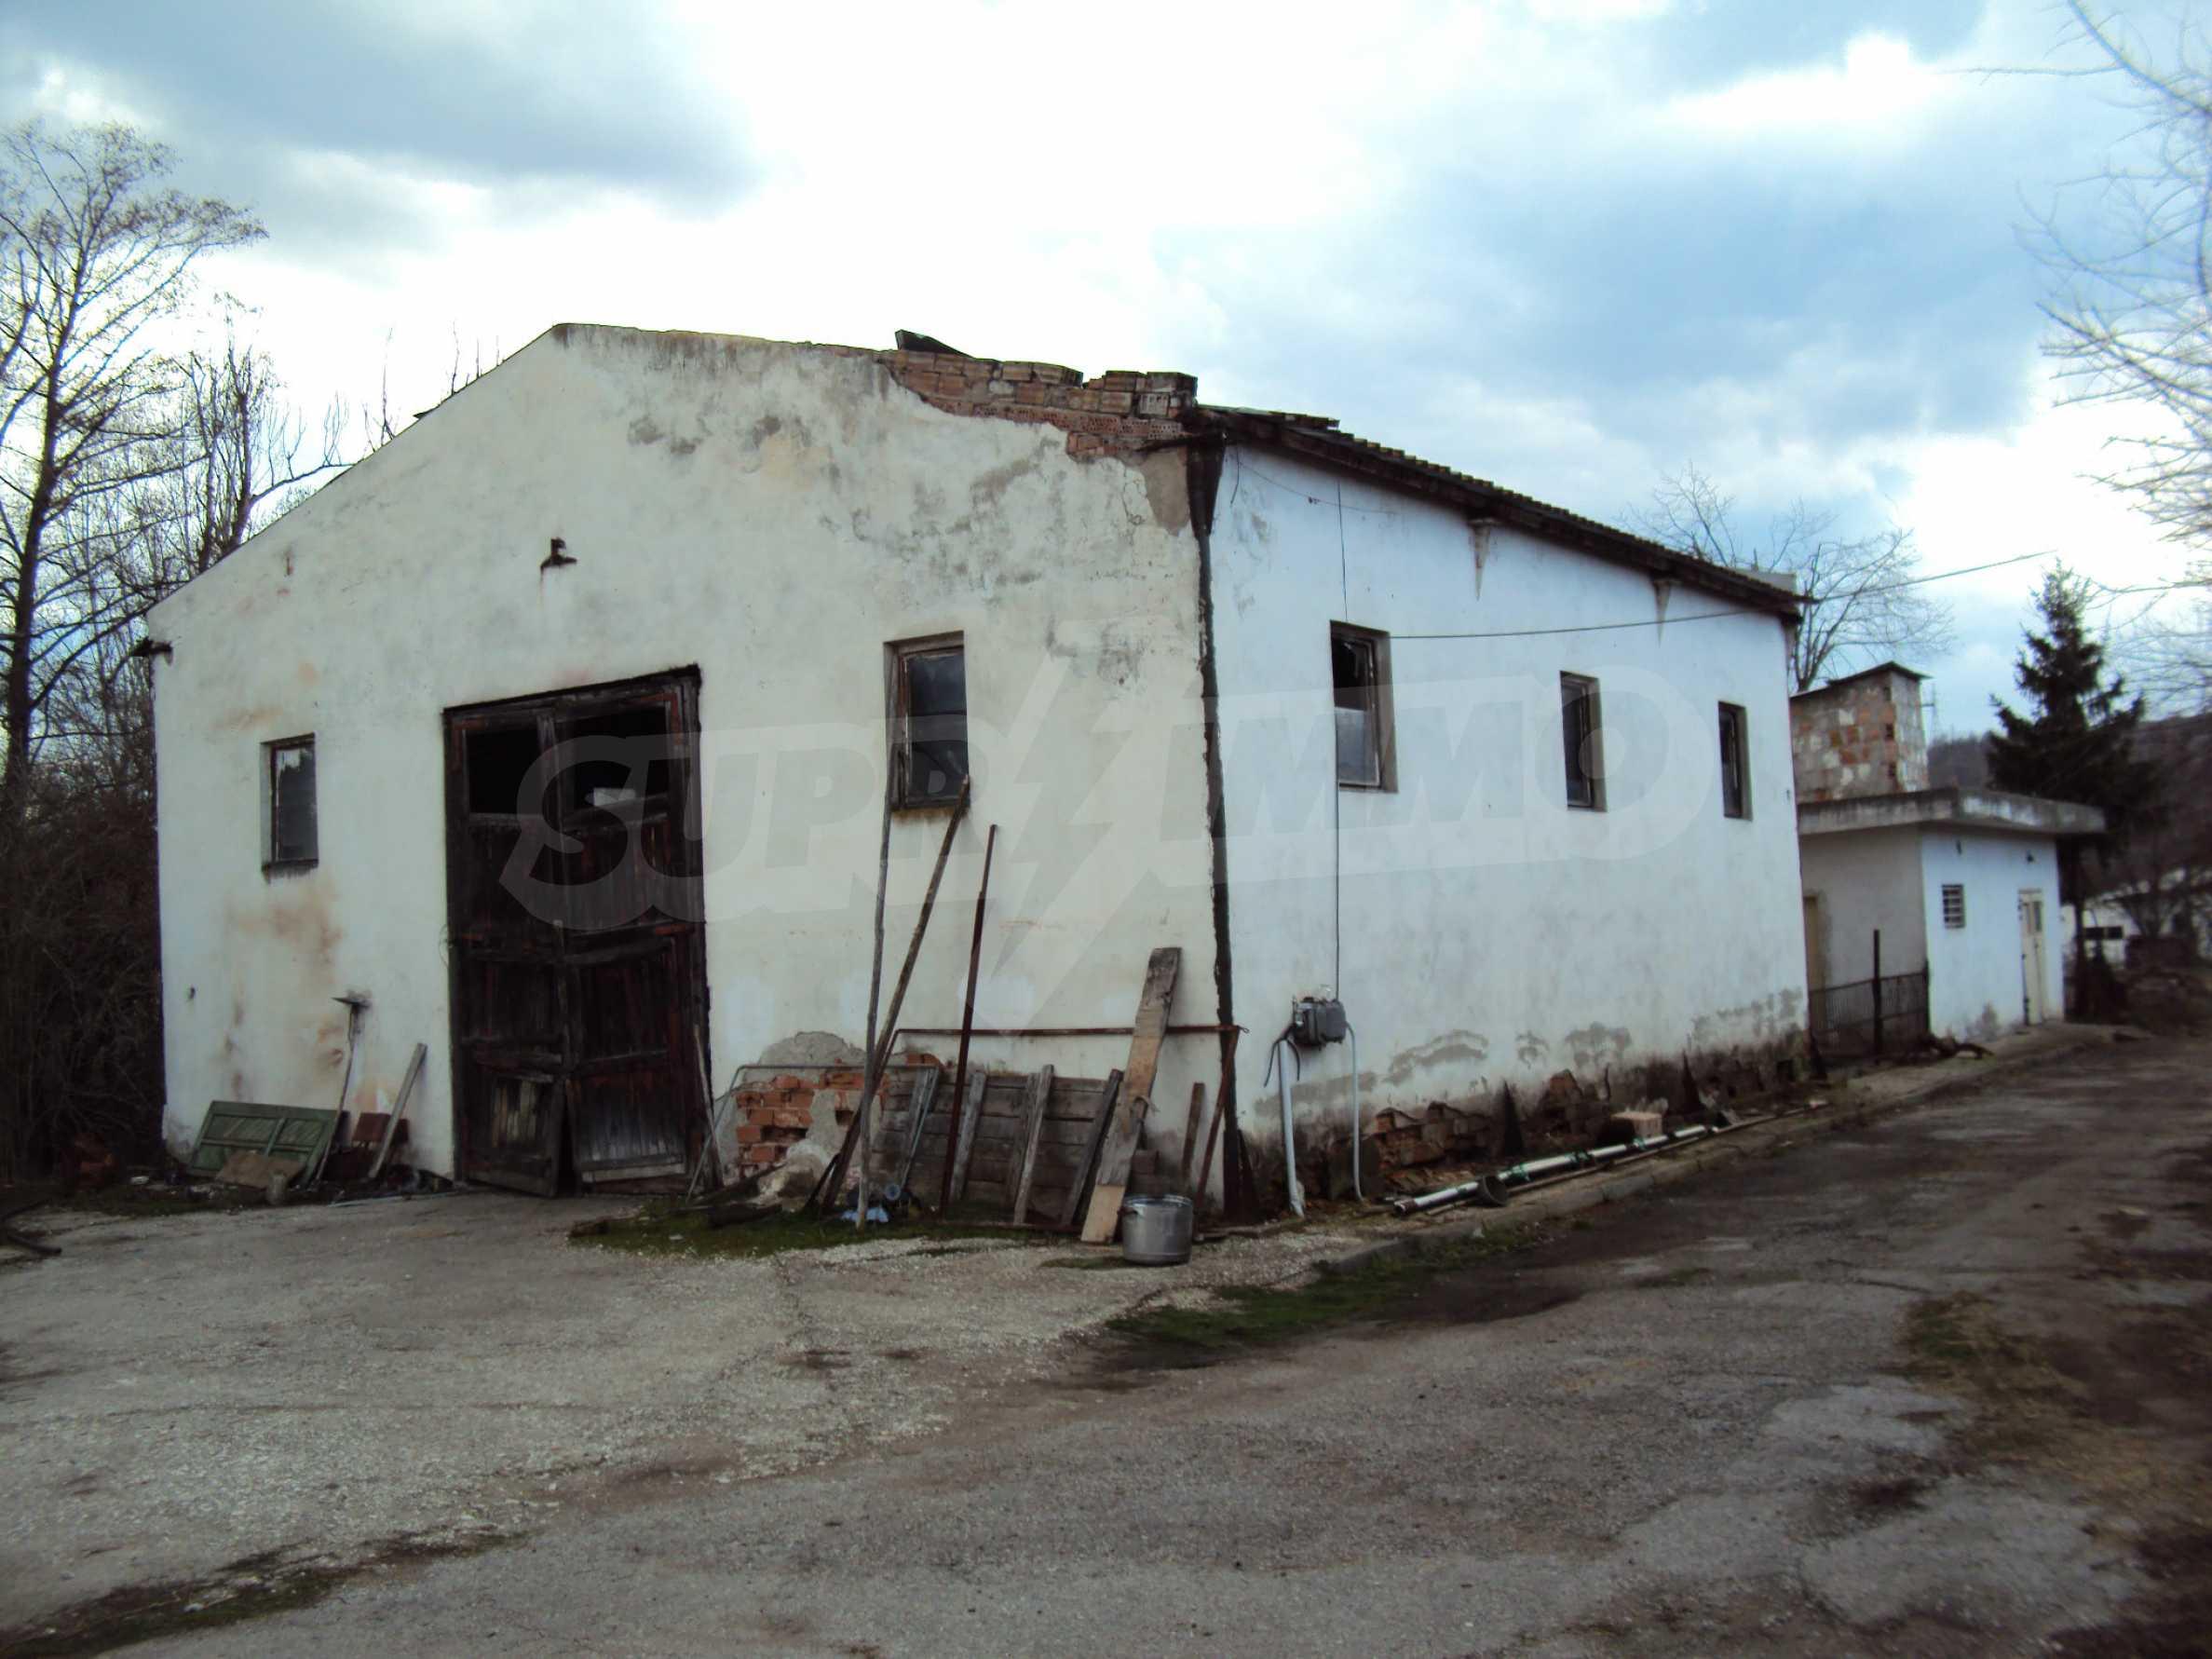 Ein Nebengebäude in einer kleinen Stadt 24 km von Veliko Tarnovo entfernt 7